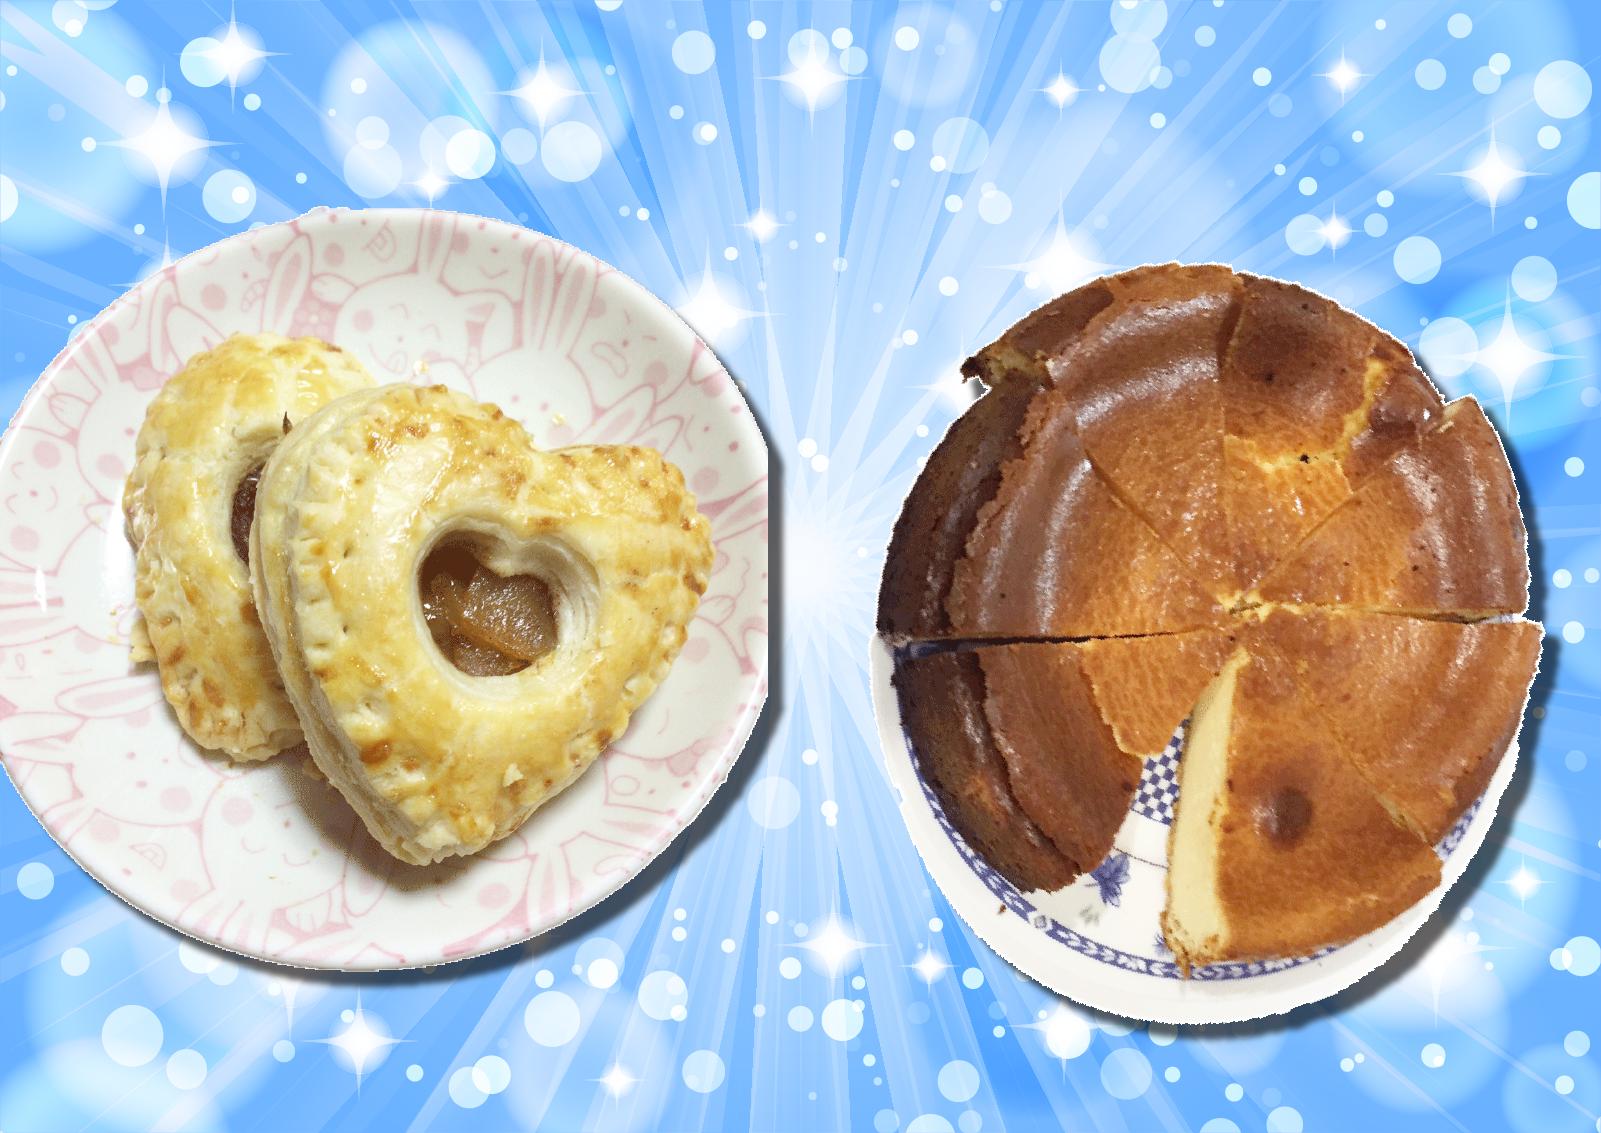 アップルパイ・チーズケーキ